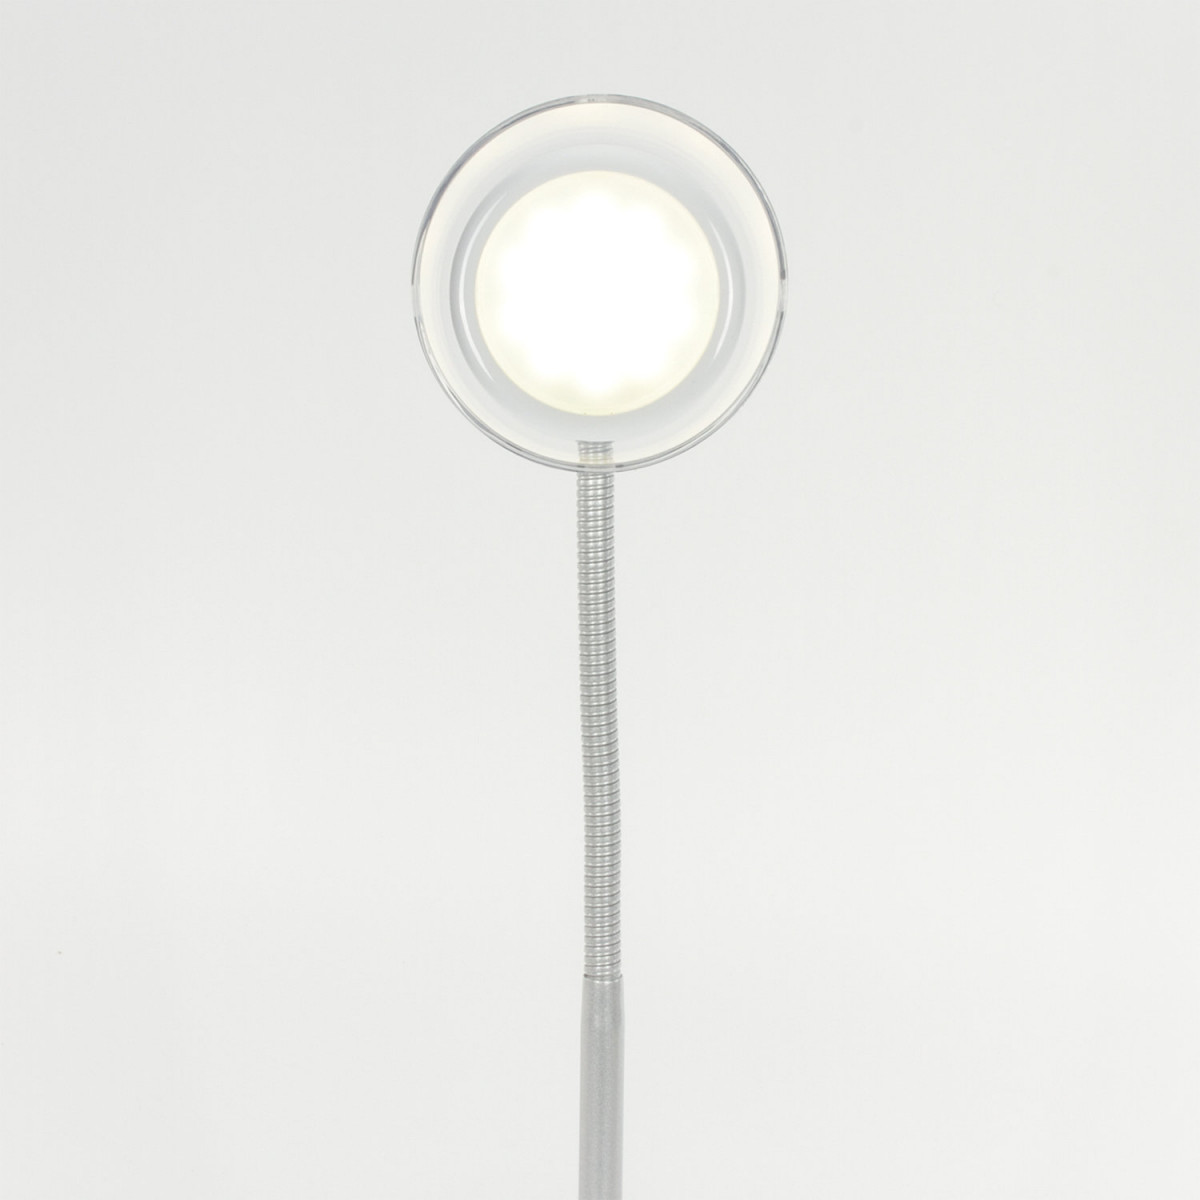 Светильник настольный SONNEN PH-329, на подставке, СВЕТОДИОДНЫЙ, 6 Вт, АККУМУЛЯТОР, зарядка от USB, белый, 236695 (арт. 236695)